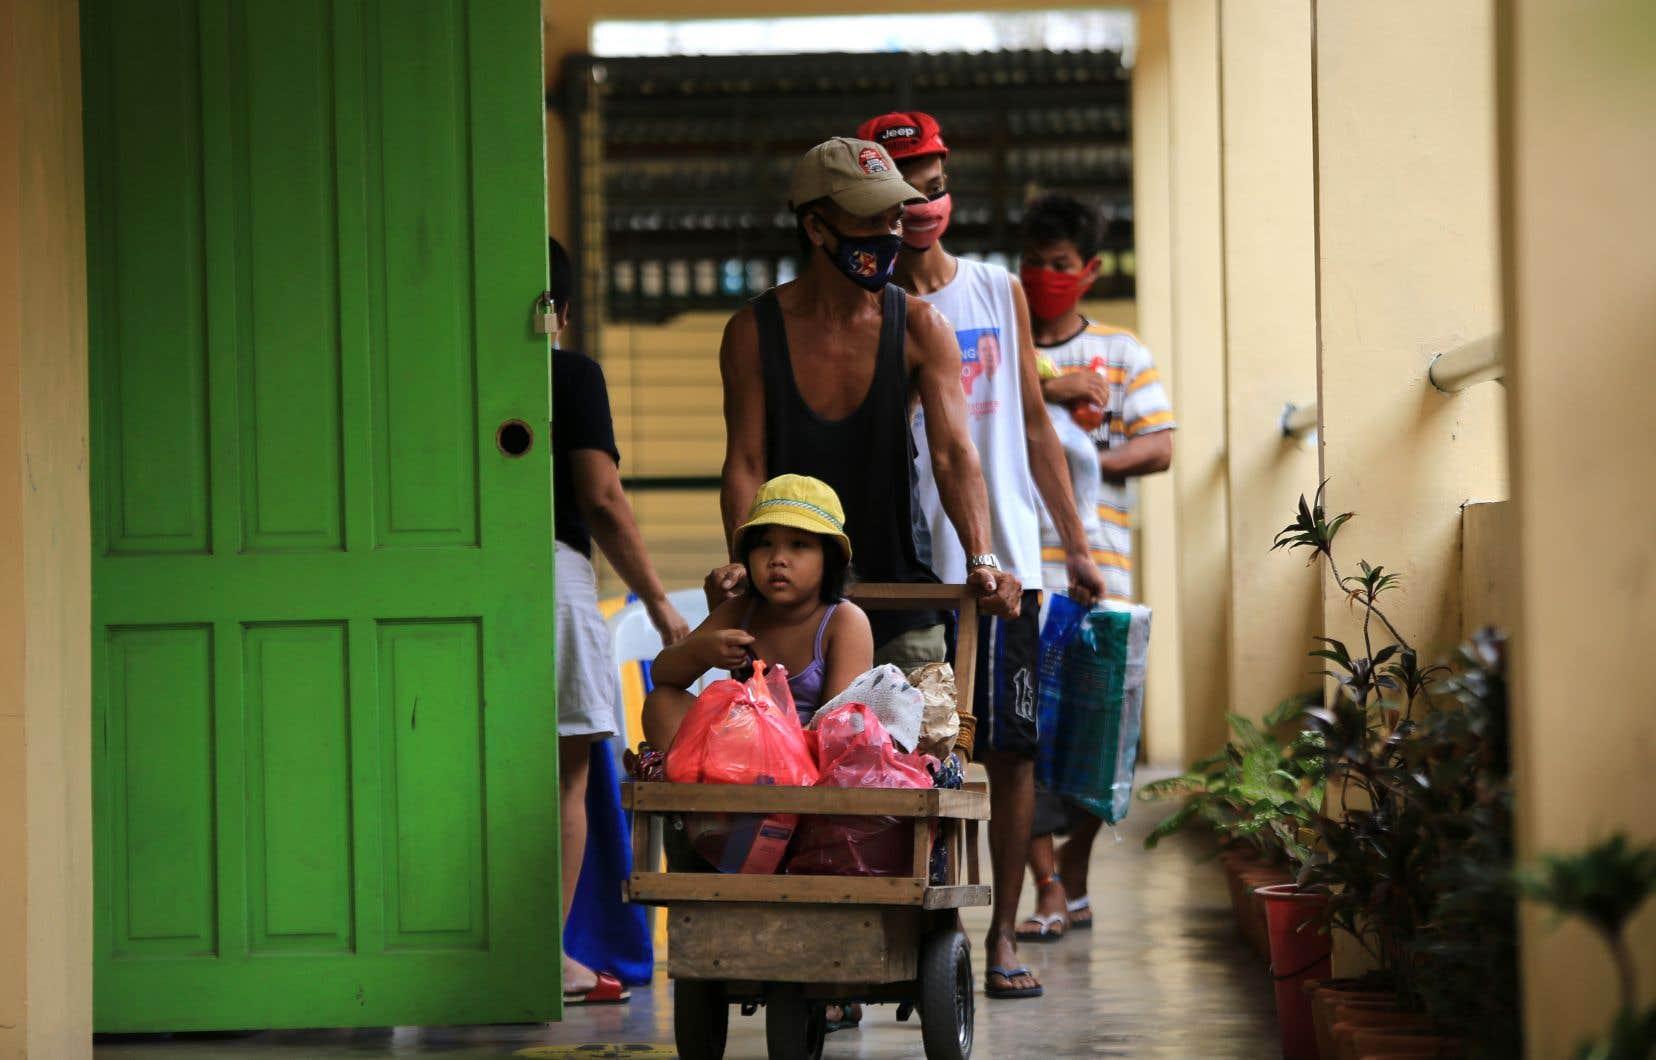 Les établissements scolaires vides depuis le début de l'épidémie de COVID-19 servent de centres d'hébergement d'urgence pour les personnes évacuées.